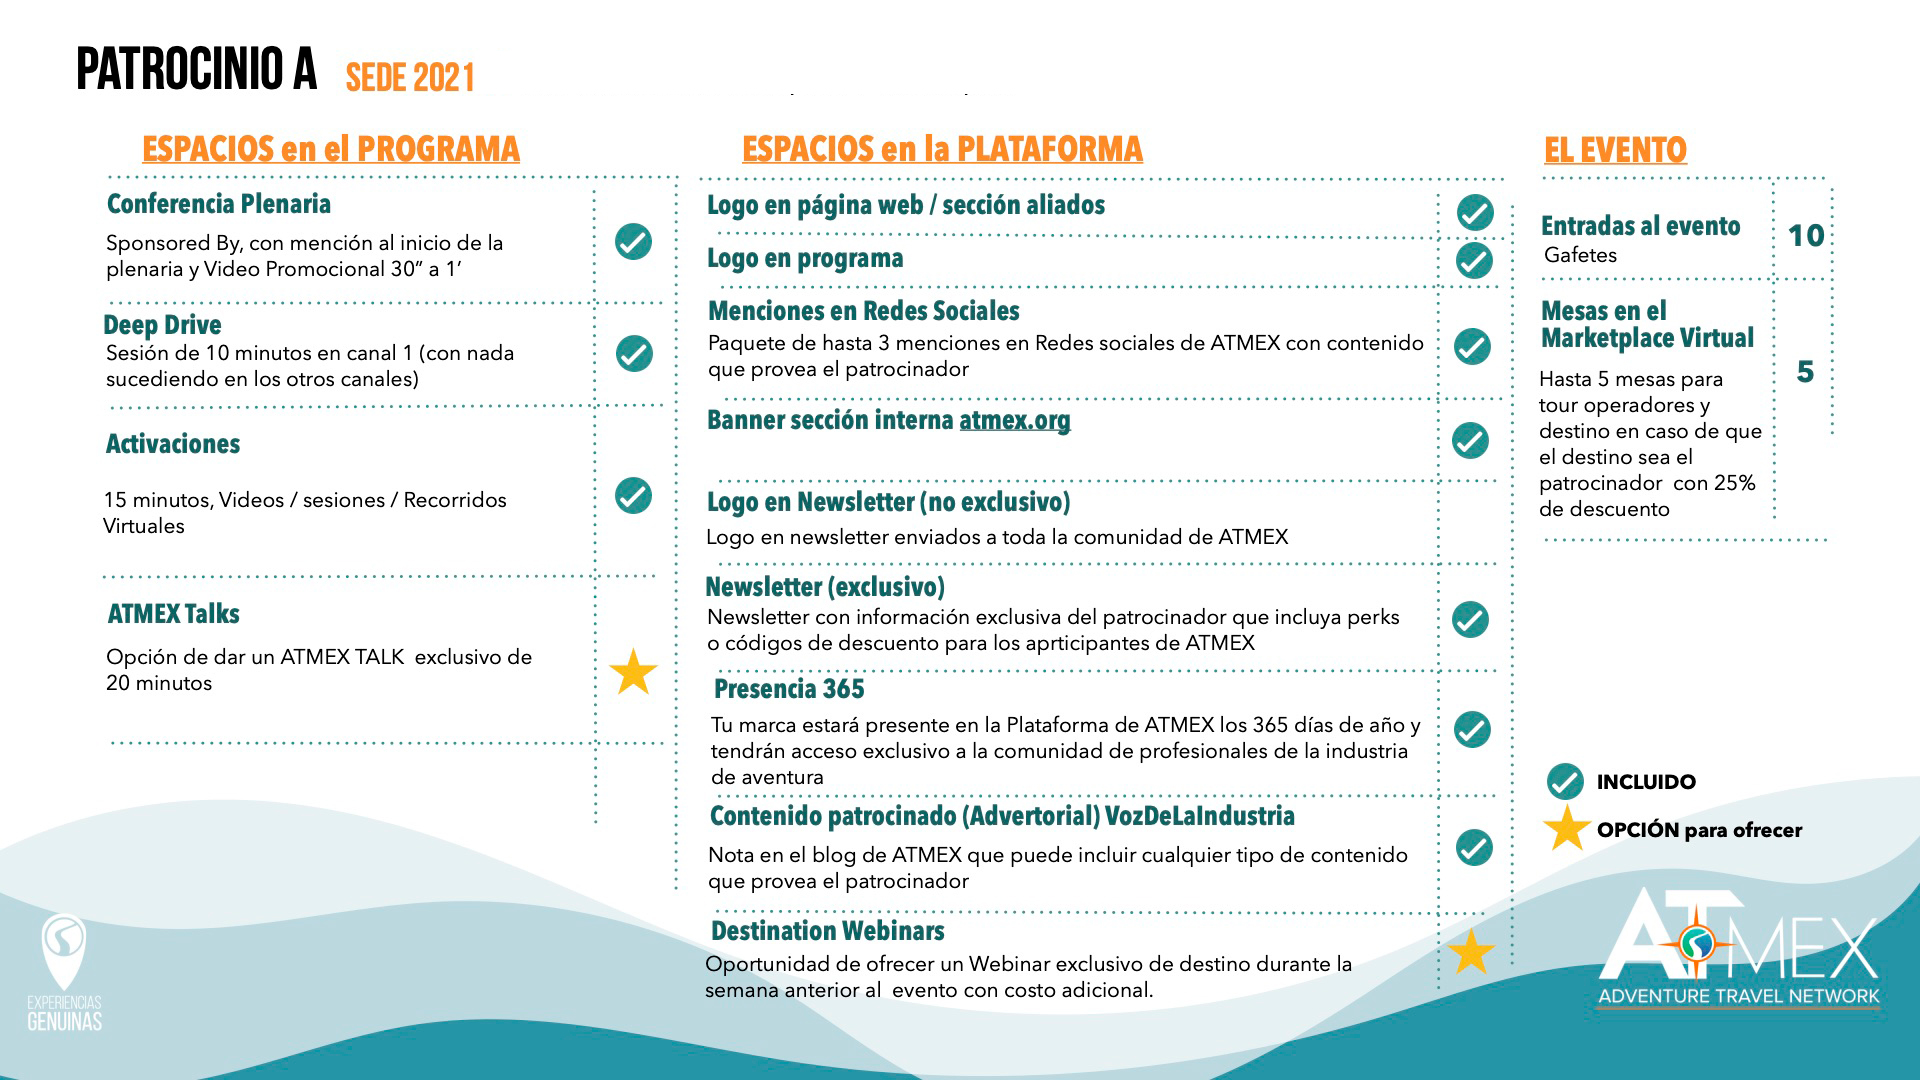 ATMEX-Patrocinio-sede-2021